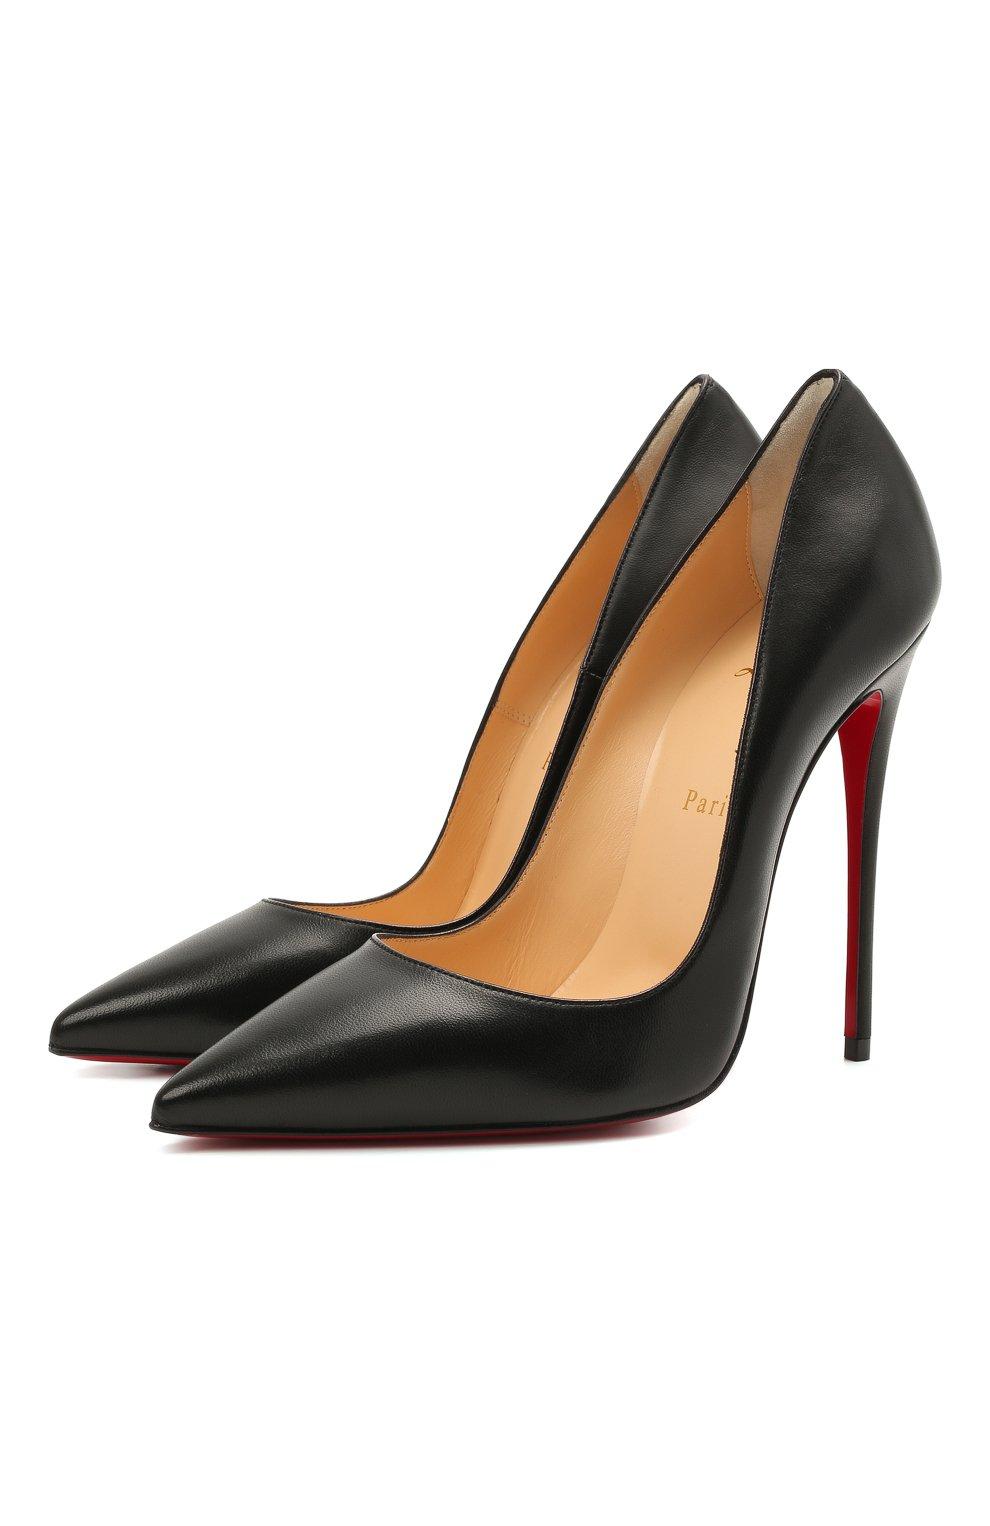 Женские кожаные туфли so kate 120 CHRISTIAN LOUBOUTIN черного цвета, арт. 3160759/S0 KATE 120   Фото 1